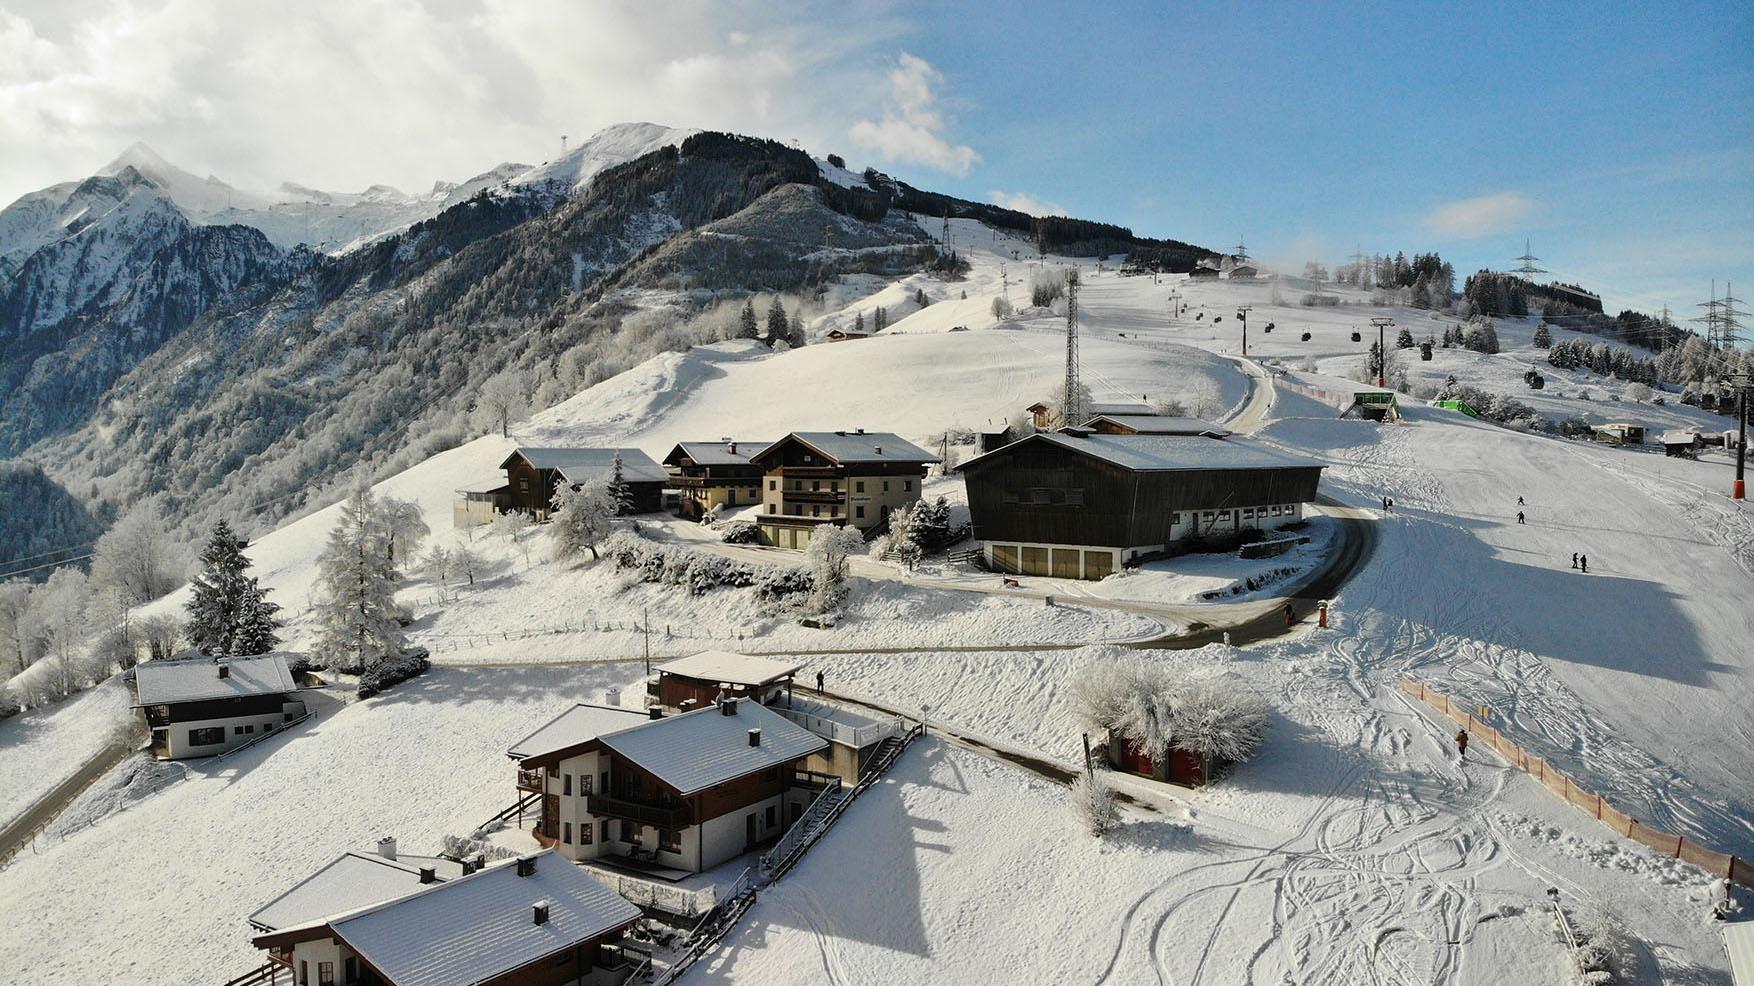 Maiskogel Chalet Chalet, Austria